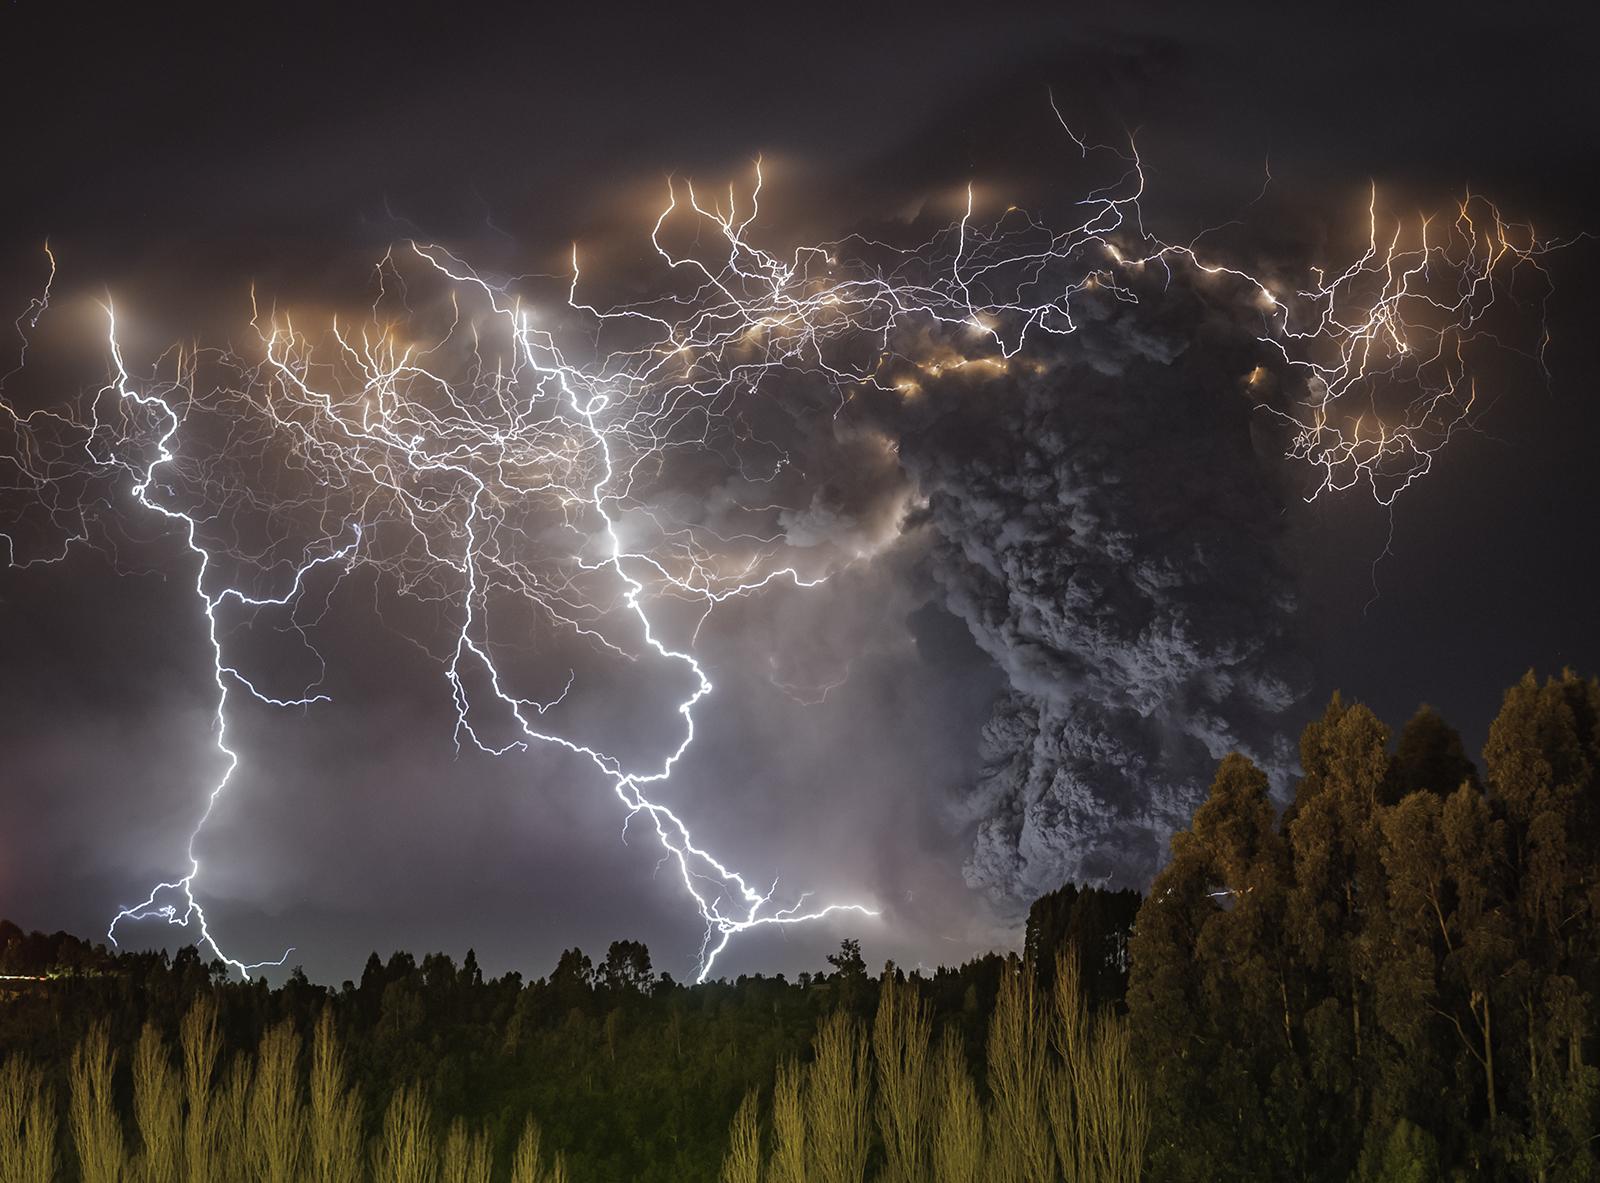 Wonderful Volcanic Smoke With Streaks of Lightning by Francisco Negroni 7 Wonderful Photography between Volcanic Smoke With Streaks of Lightning by Francisco Negroni